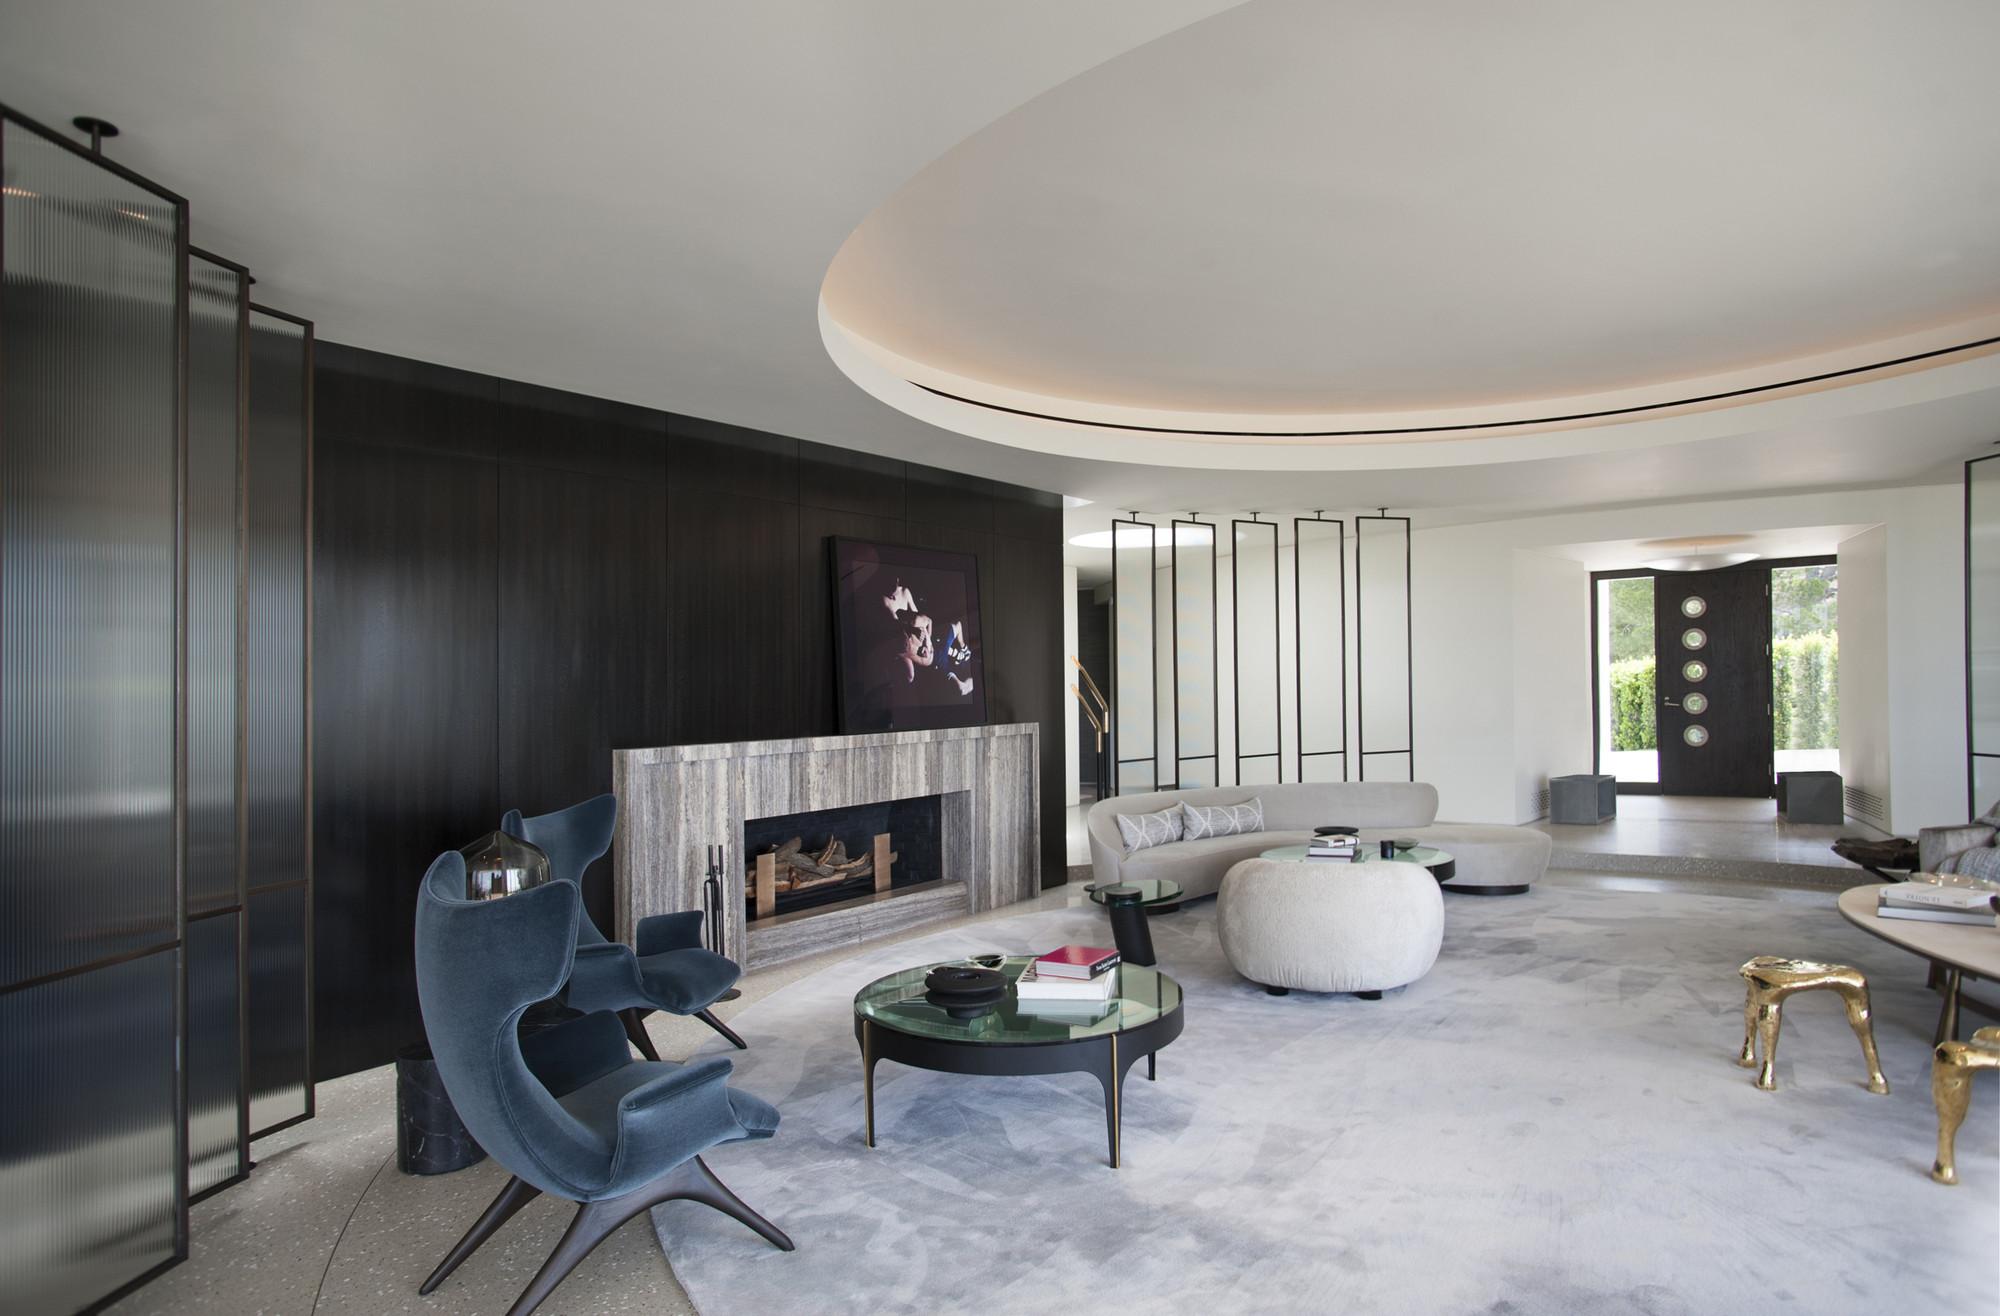 Gallery of trousdale estates contemporary home dennis gibbens architects 4 - Decoration interieur maison de maitre ...